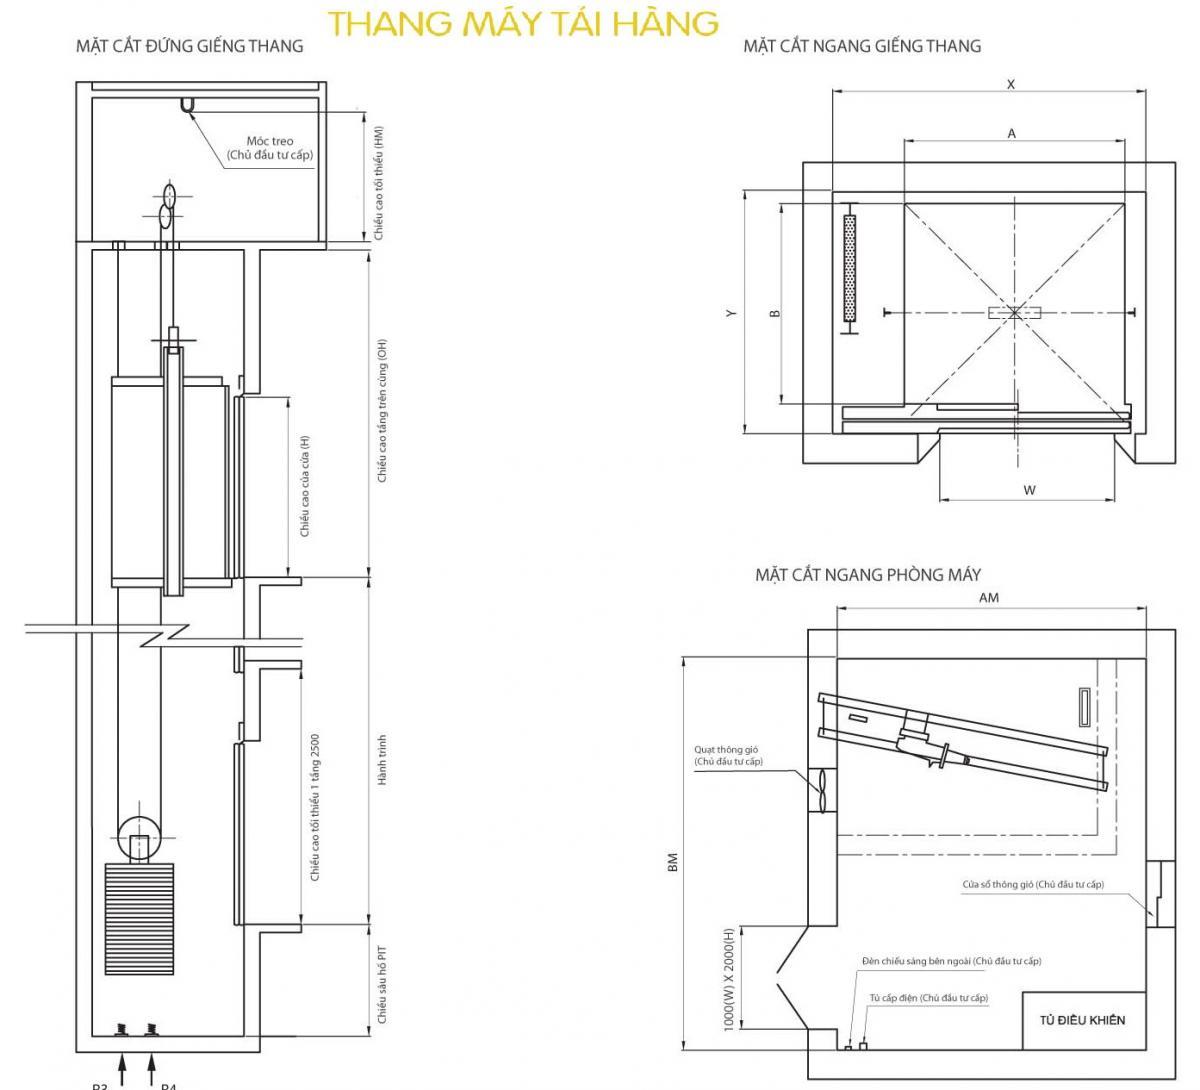 thiết kế thang máy tải hàng